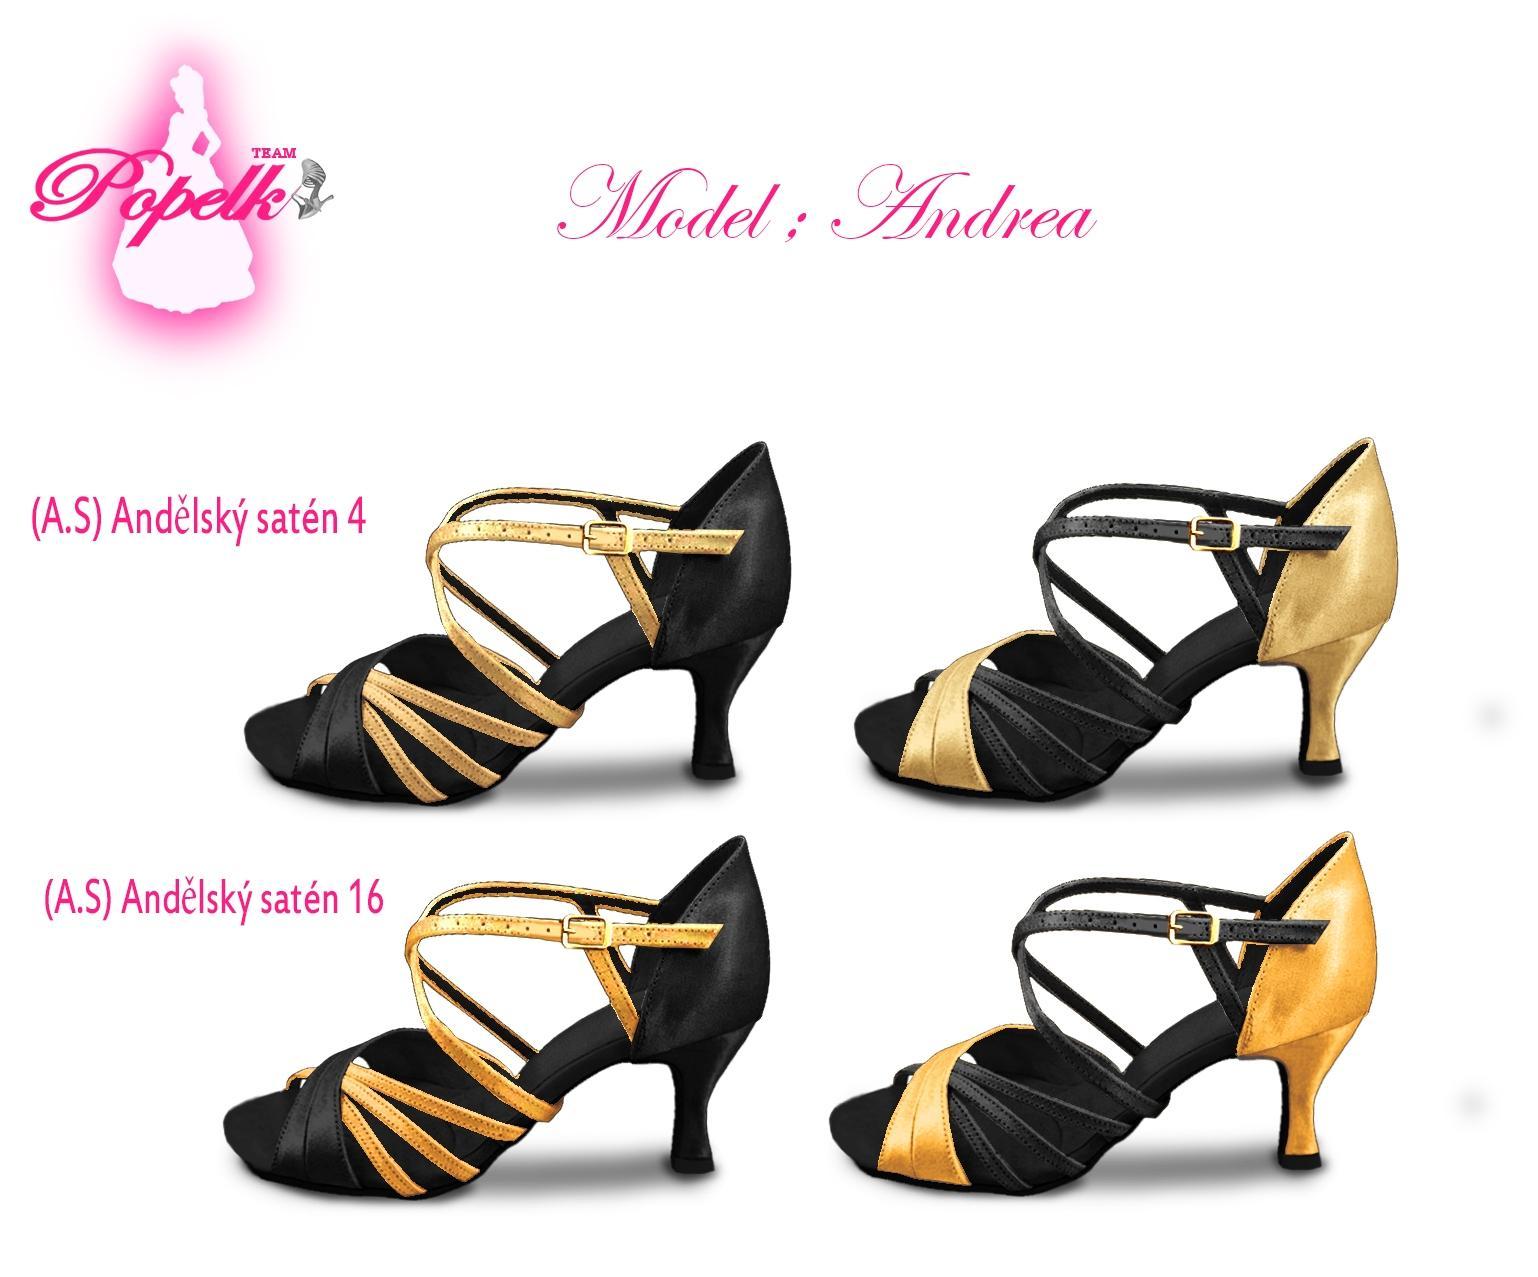 Svadobné topánky navrhni a uprav si ich podľa seba - inšpirácie zlatá - Obrázok č. 51